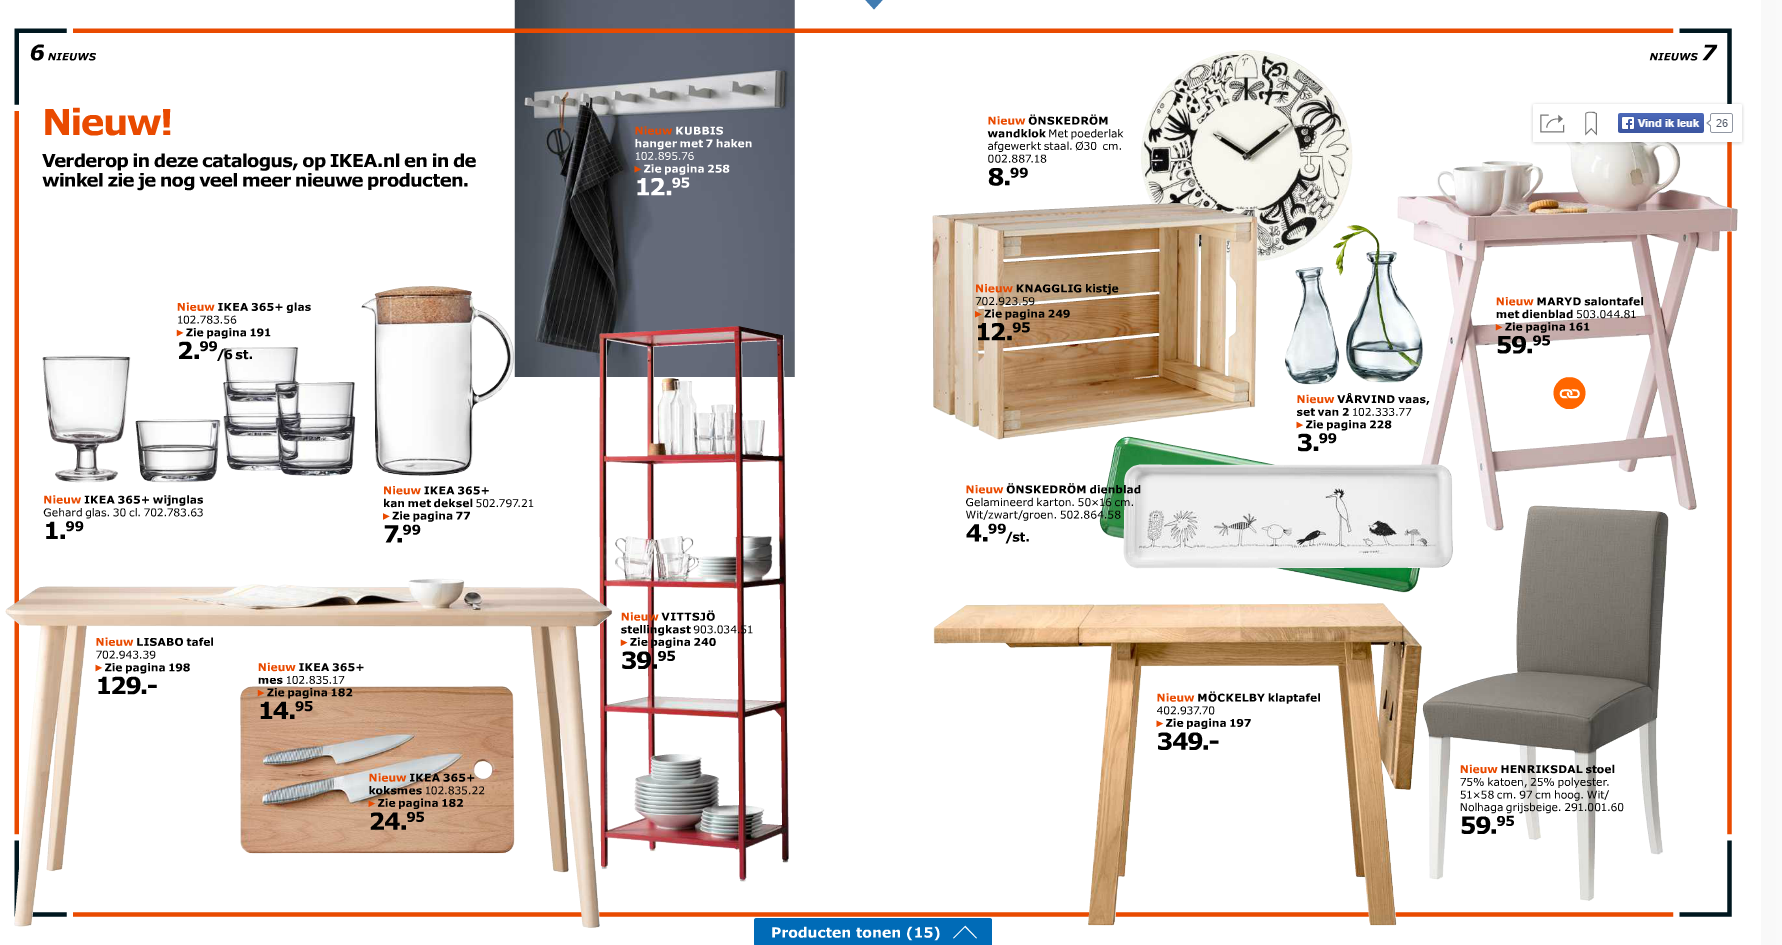 Nieuw in de IKEA 2016 catalogus